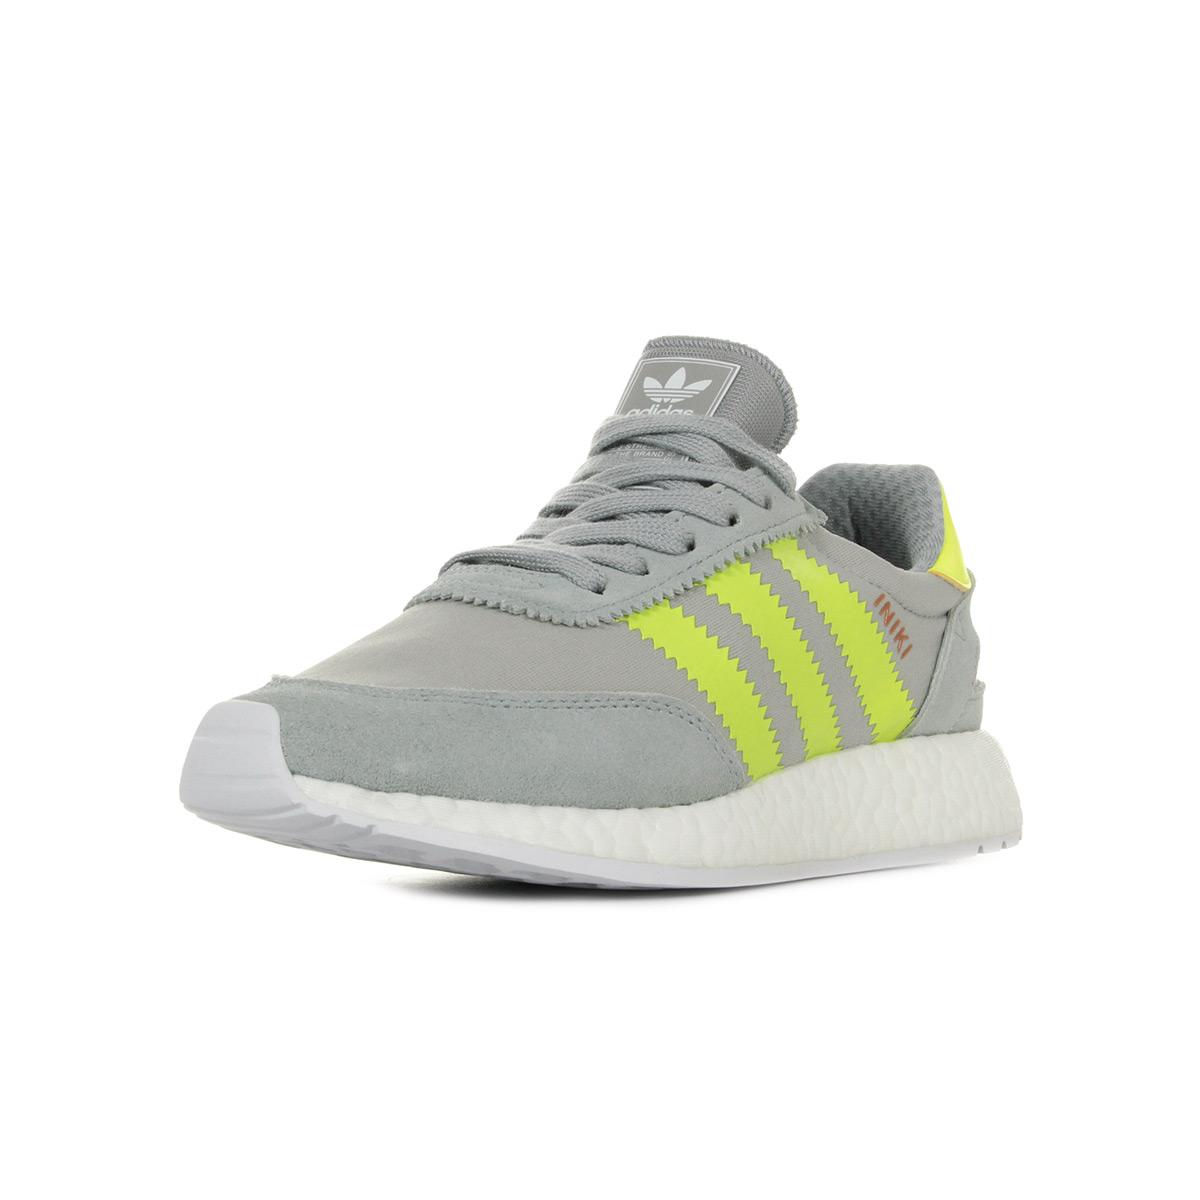 adidas Damen Iniki Runner W Turnschuhe: Schuhe & Handtaschen